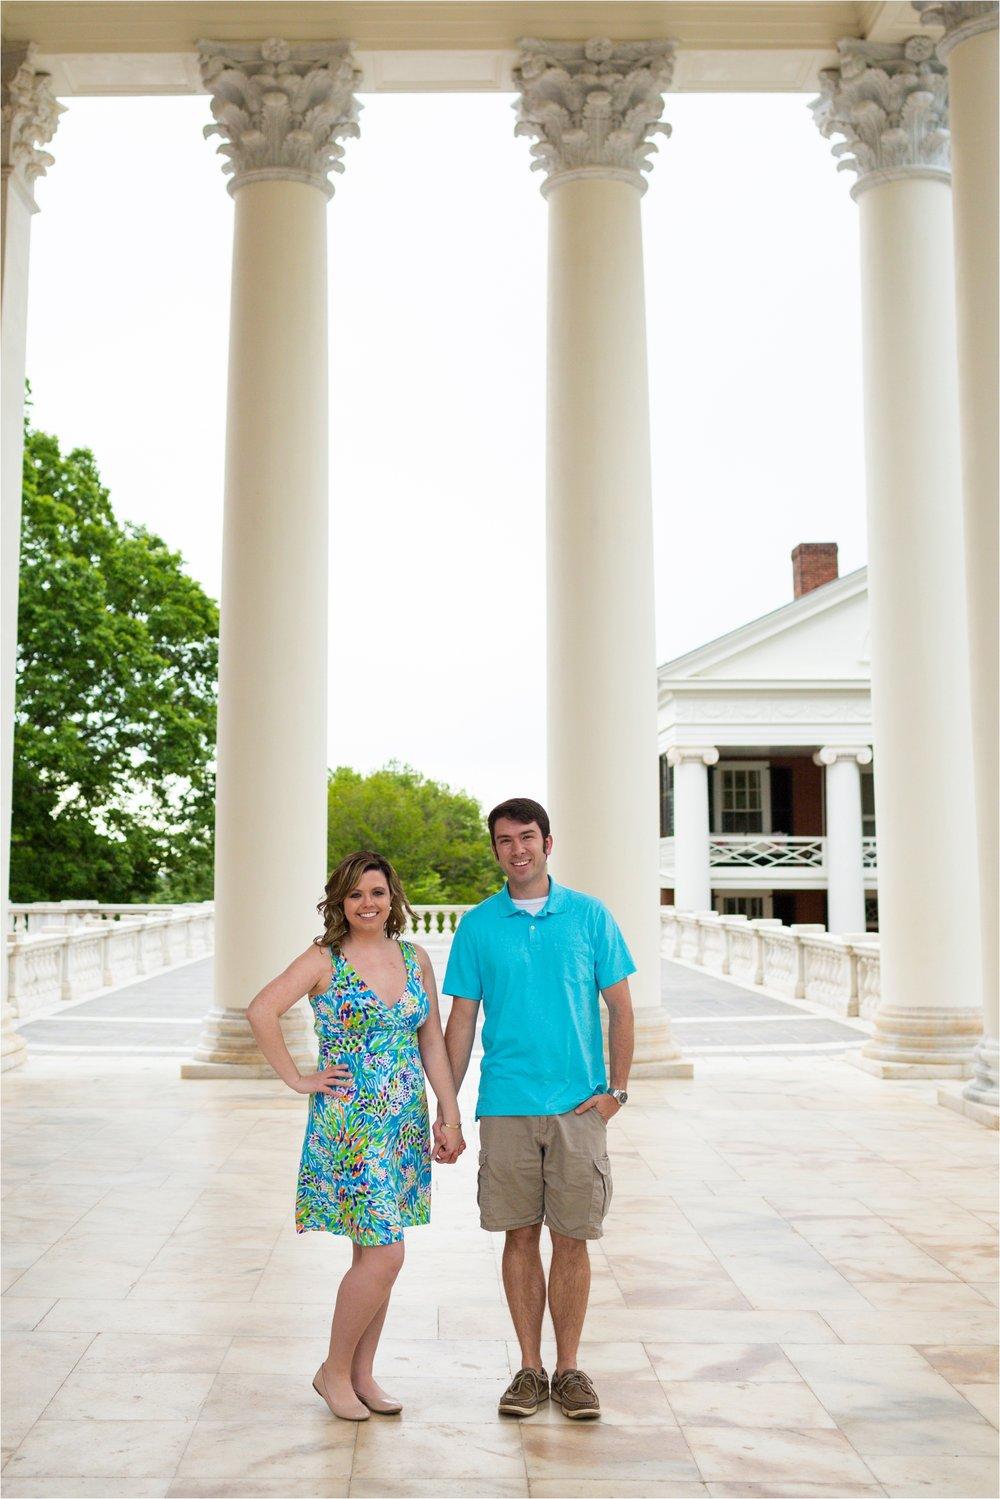 Charlottesville-Virginia-Spring-Engagement-Session-4953.jpg